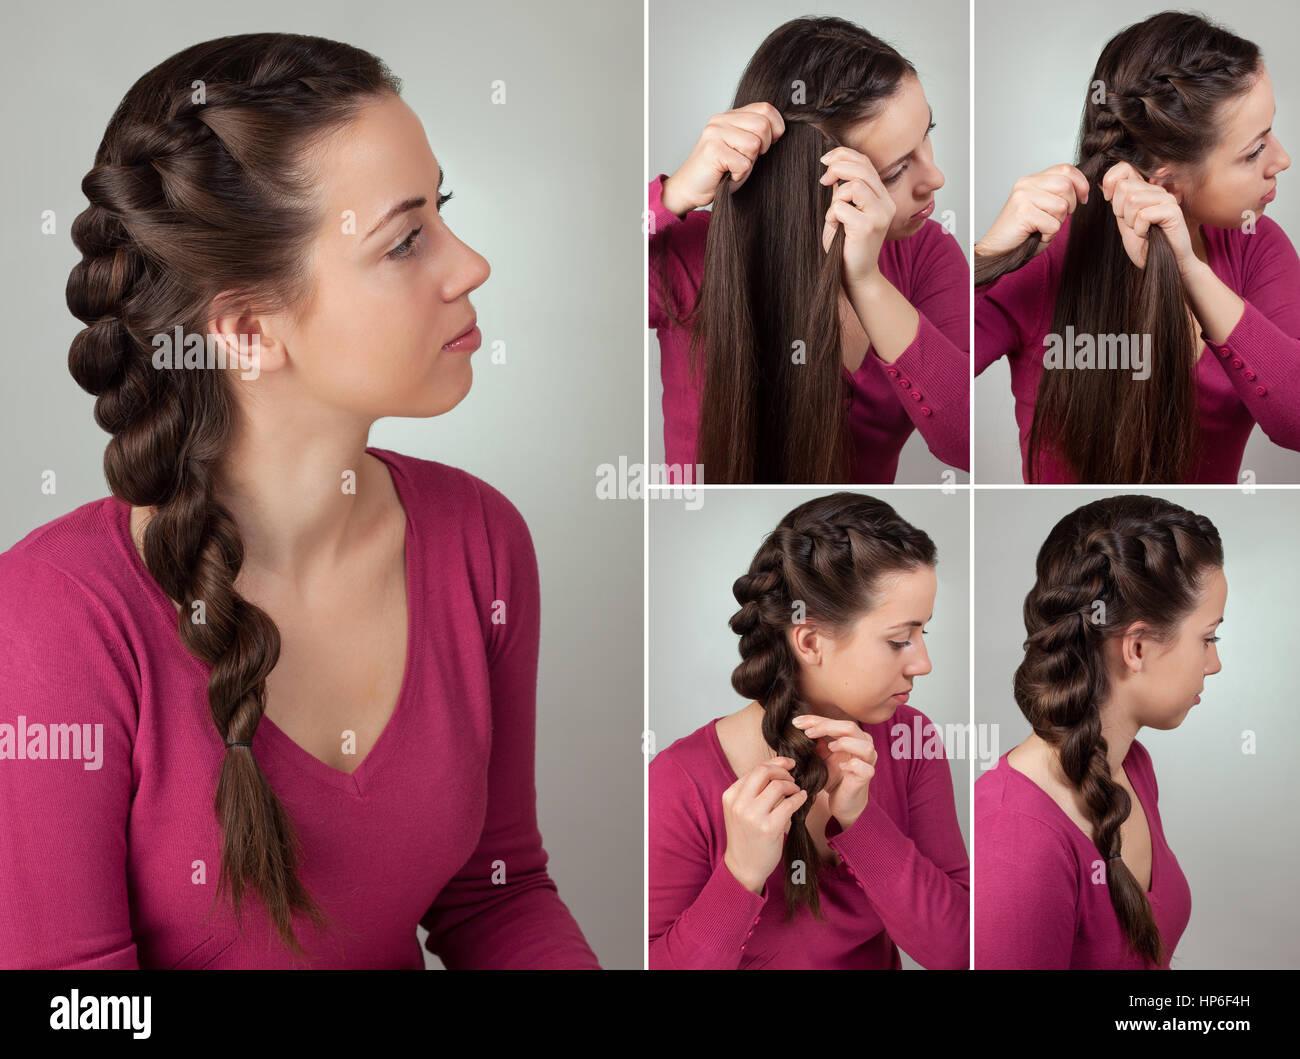 Zopf Frisuren Einfach   Einfacher Zopf Frisur Tutorial Einfache Frisur Fur Lange Haare